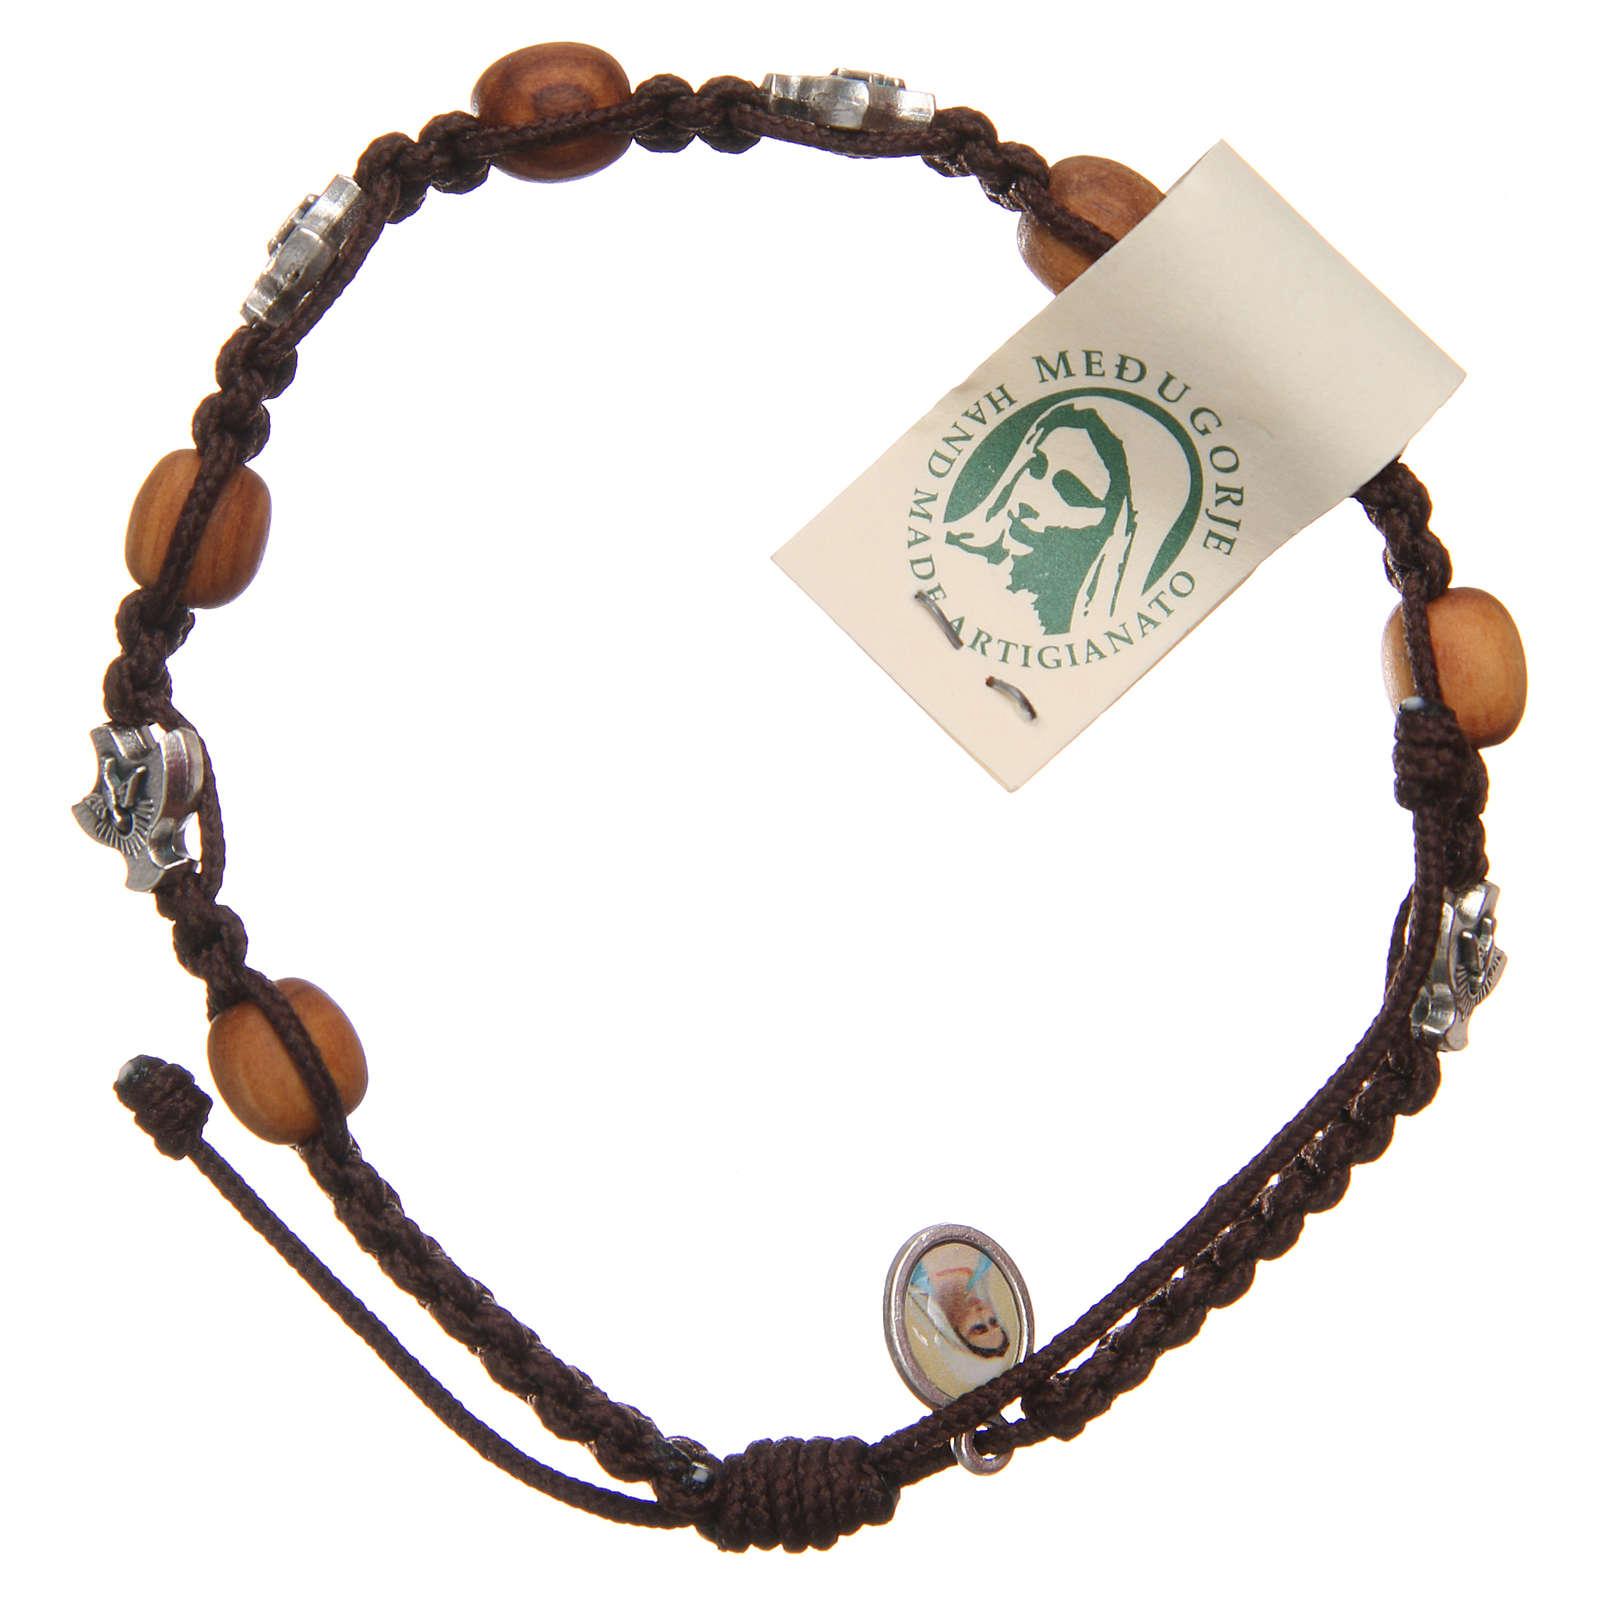 Bracelet Medjugorje brown rope and olive wood 4